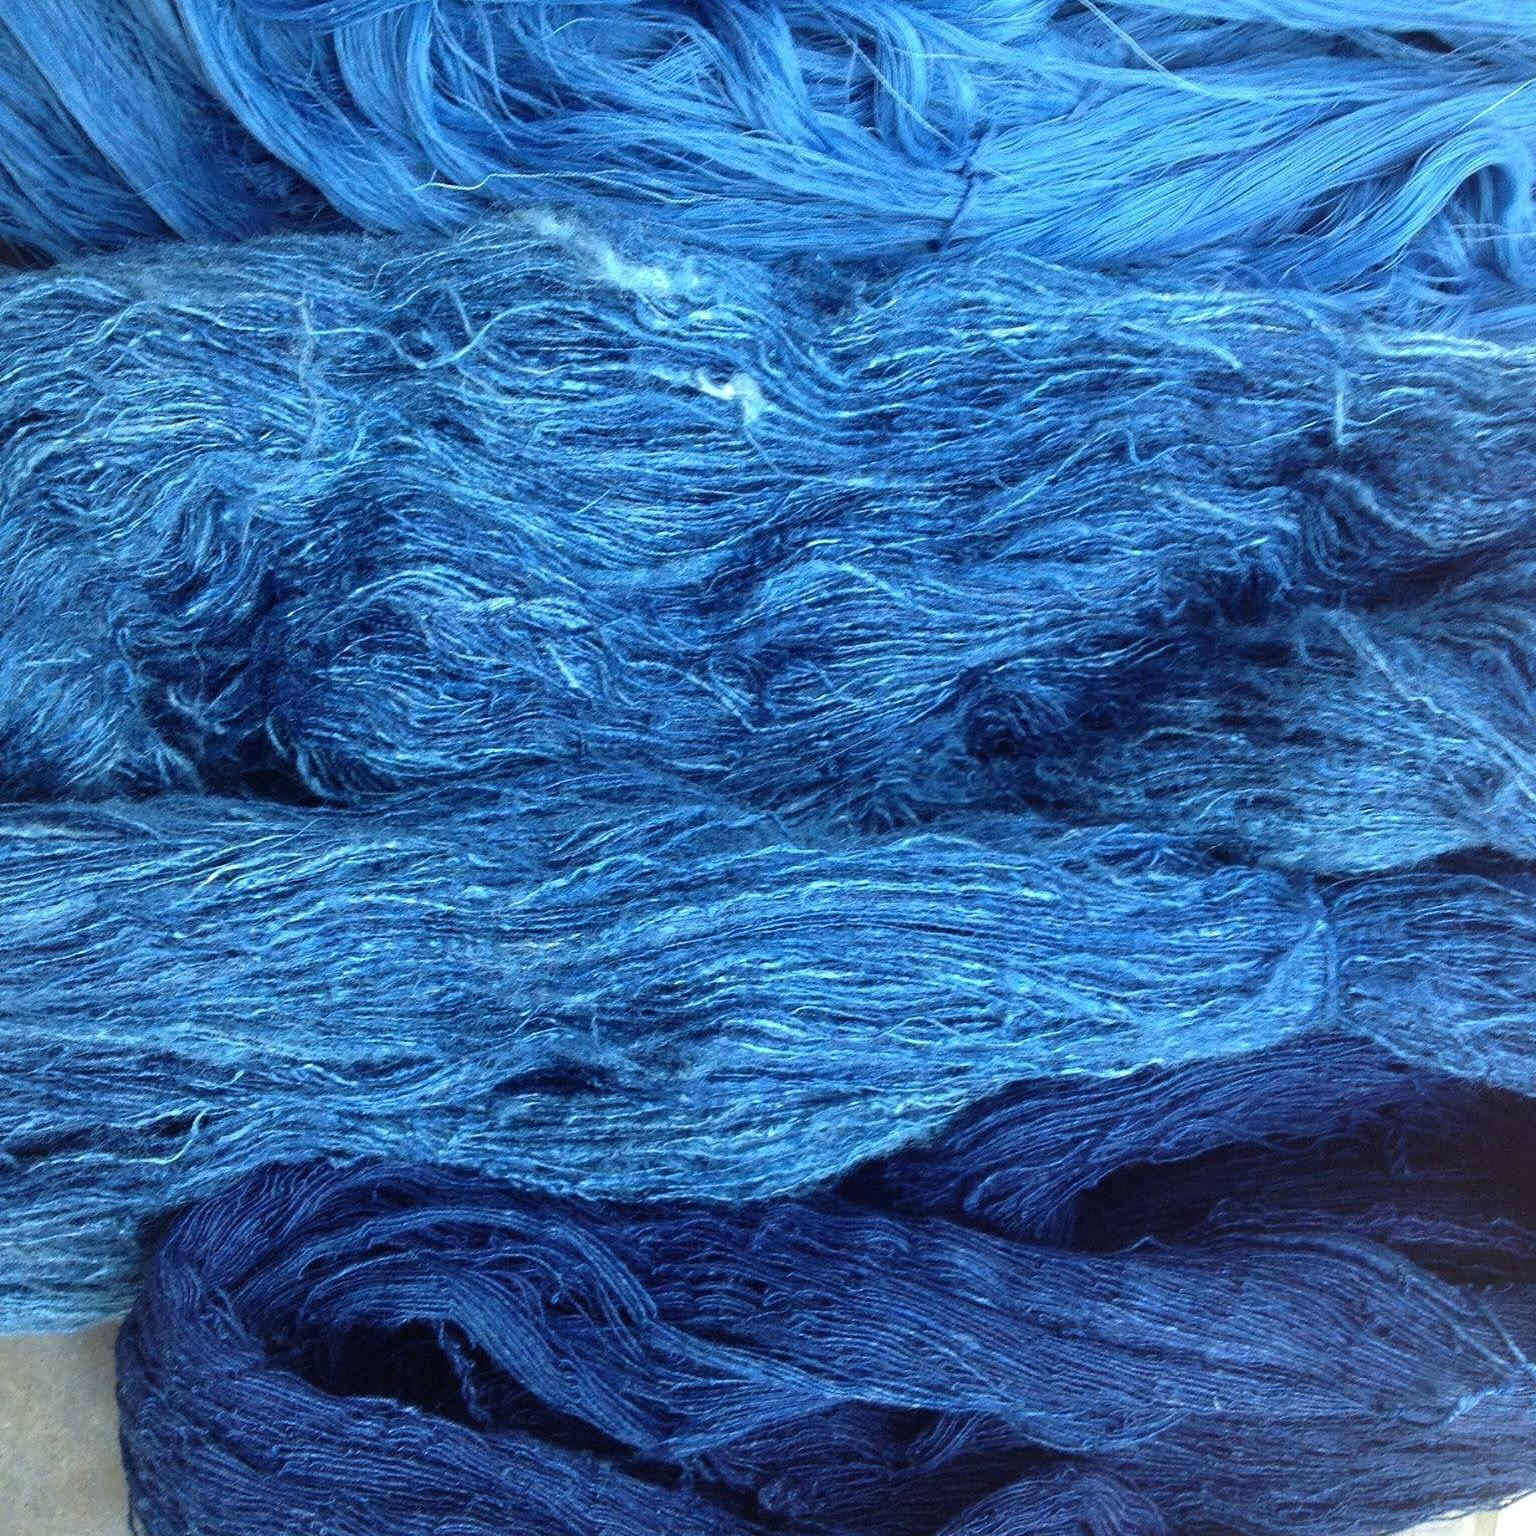 Indigo cotton thread.